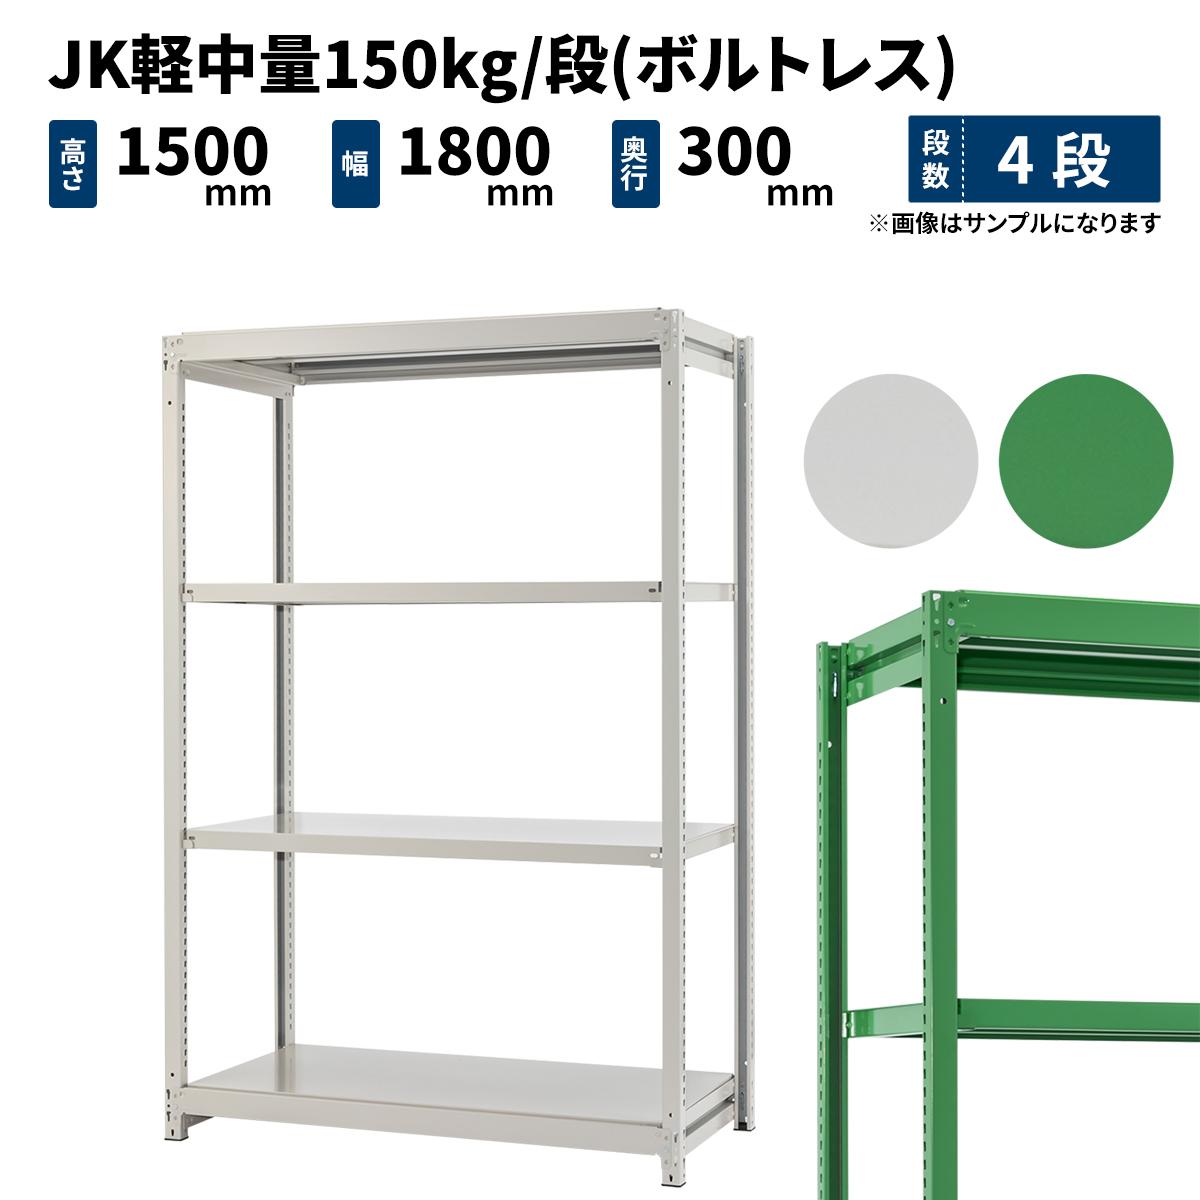 スチールラック 業務用 JK軽中量150kg/段(ボルトレス) 単体形式 高さ1500×幅1800×奥行300mm 4段 ホワイトグレー/グリーン (41kg) JK150_T-151803-4